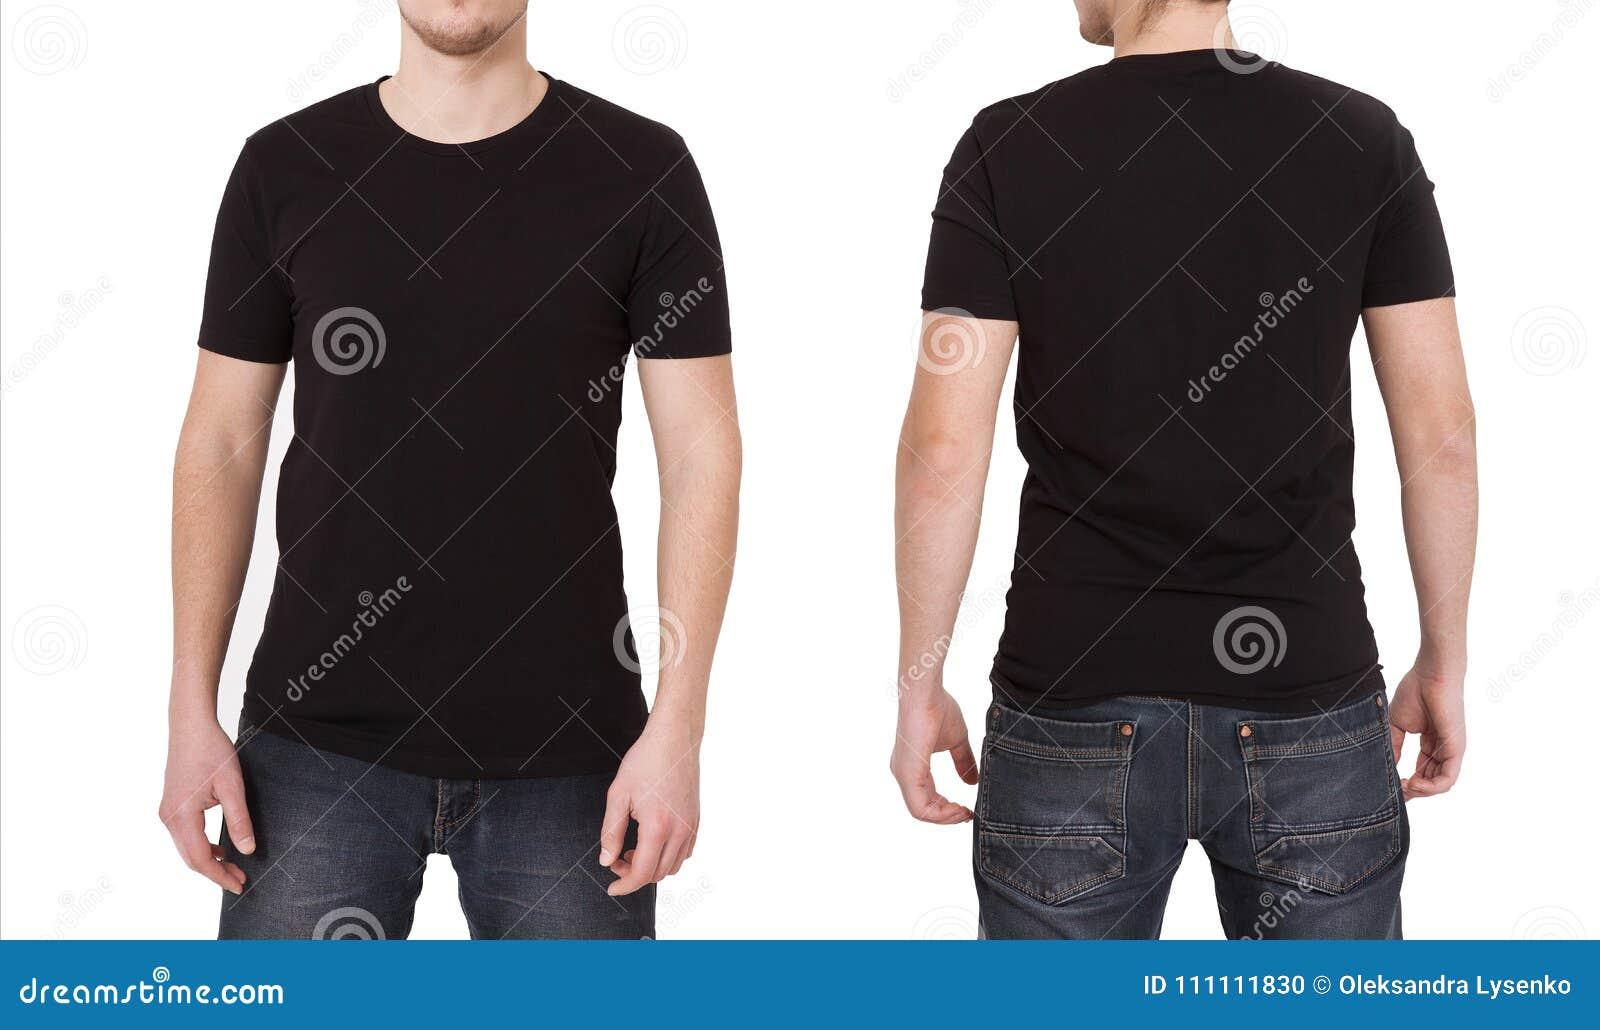 Gemütlich Schablonent Shirt Galerie - Beispiel Wiederaufnahme ...